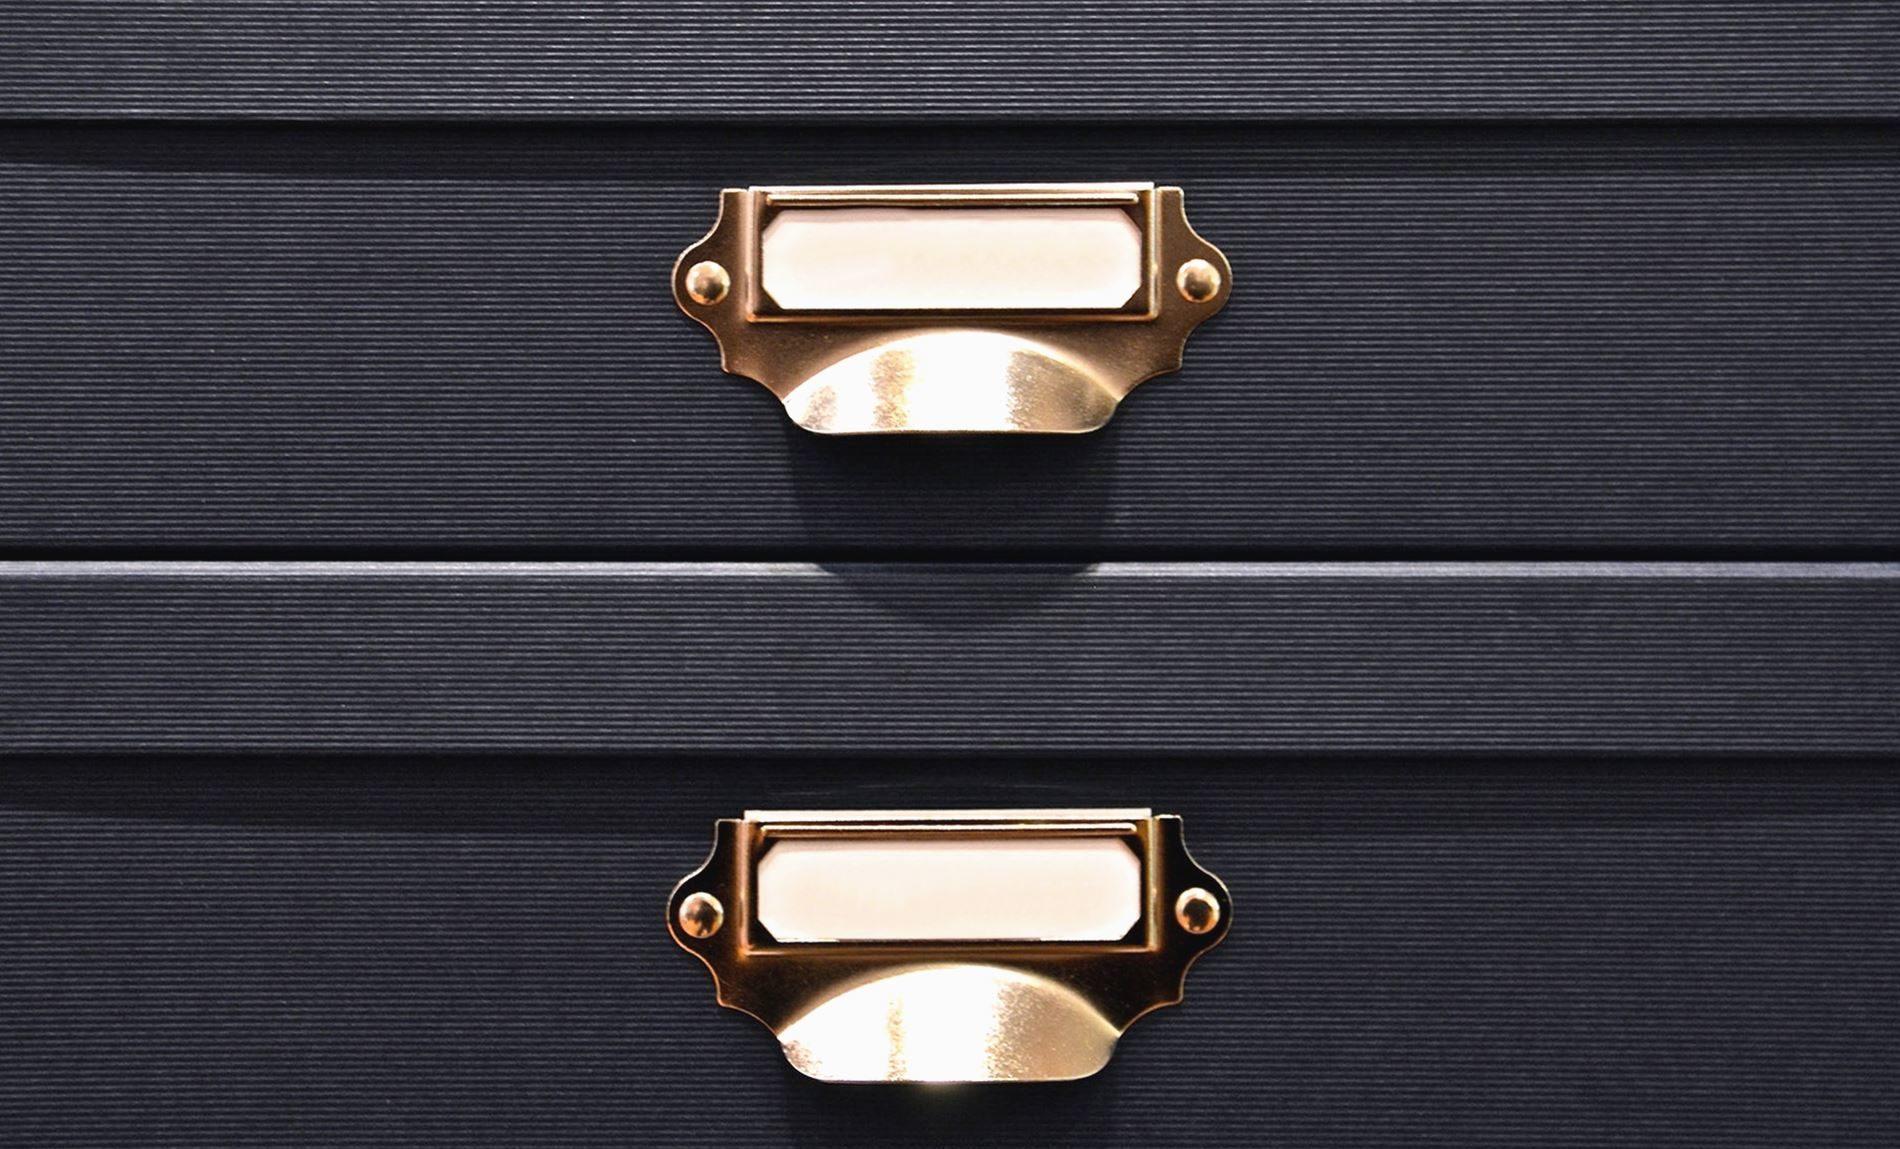 Poignée De Meuble Originale image libre: métal, poignée, tiroir, bois, meuble